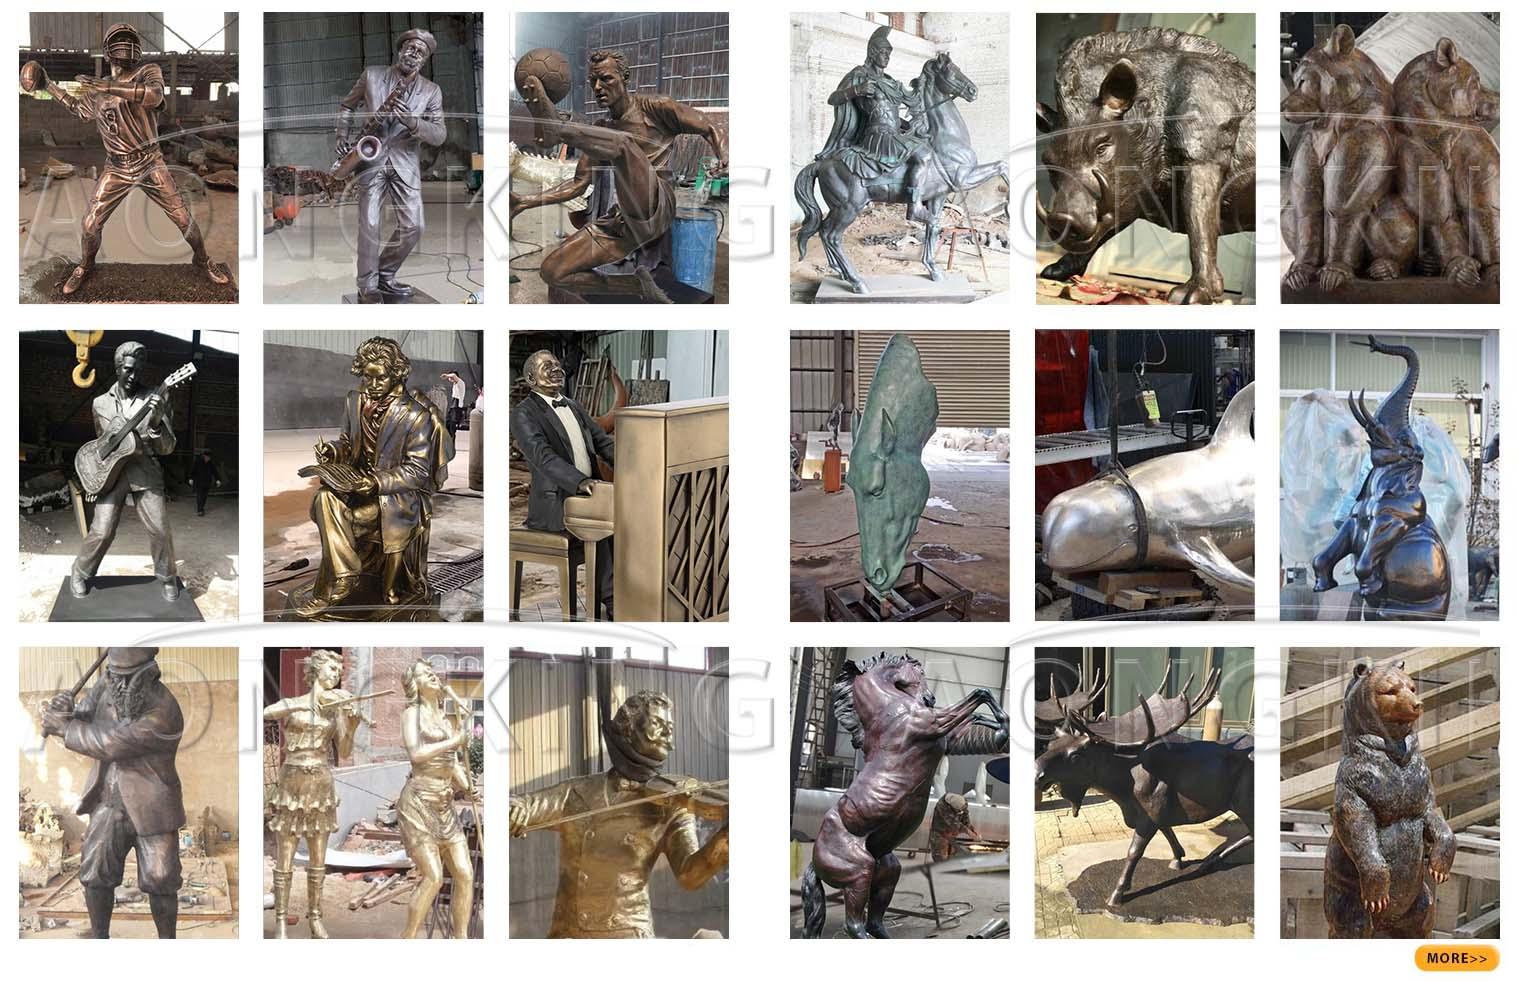 aongking sculpture